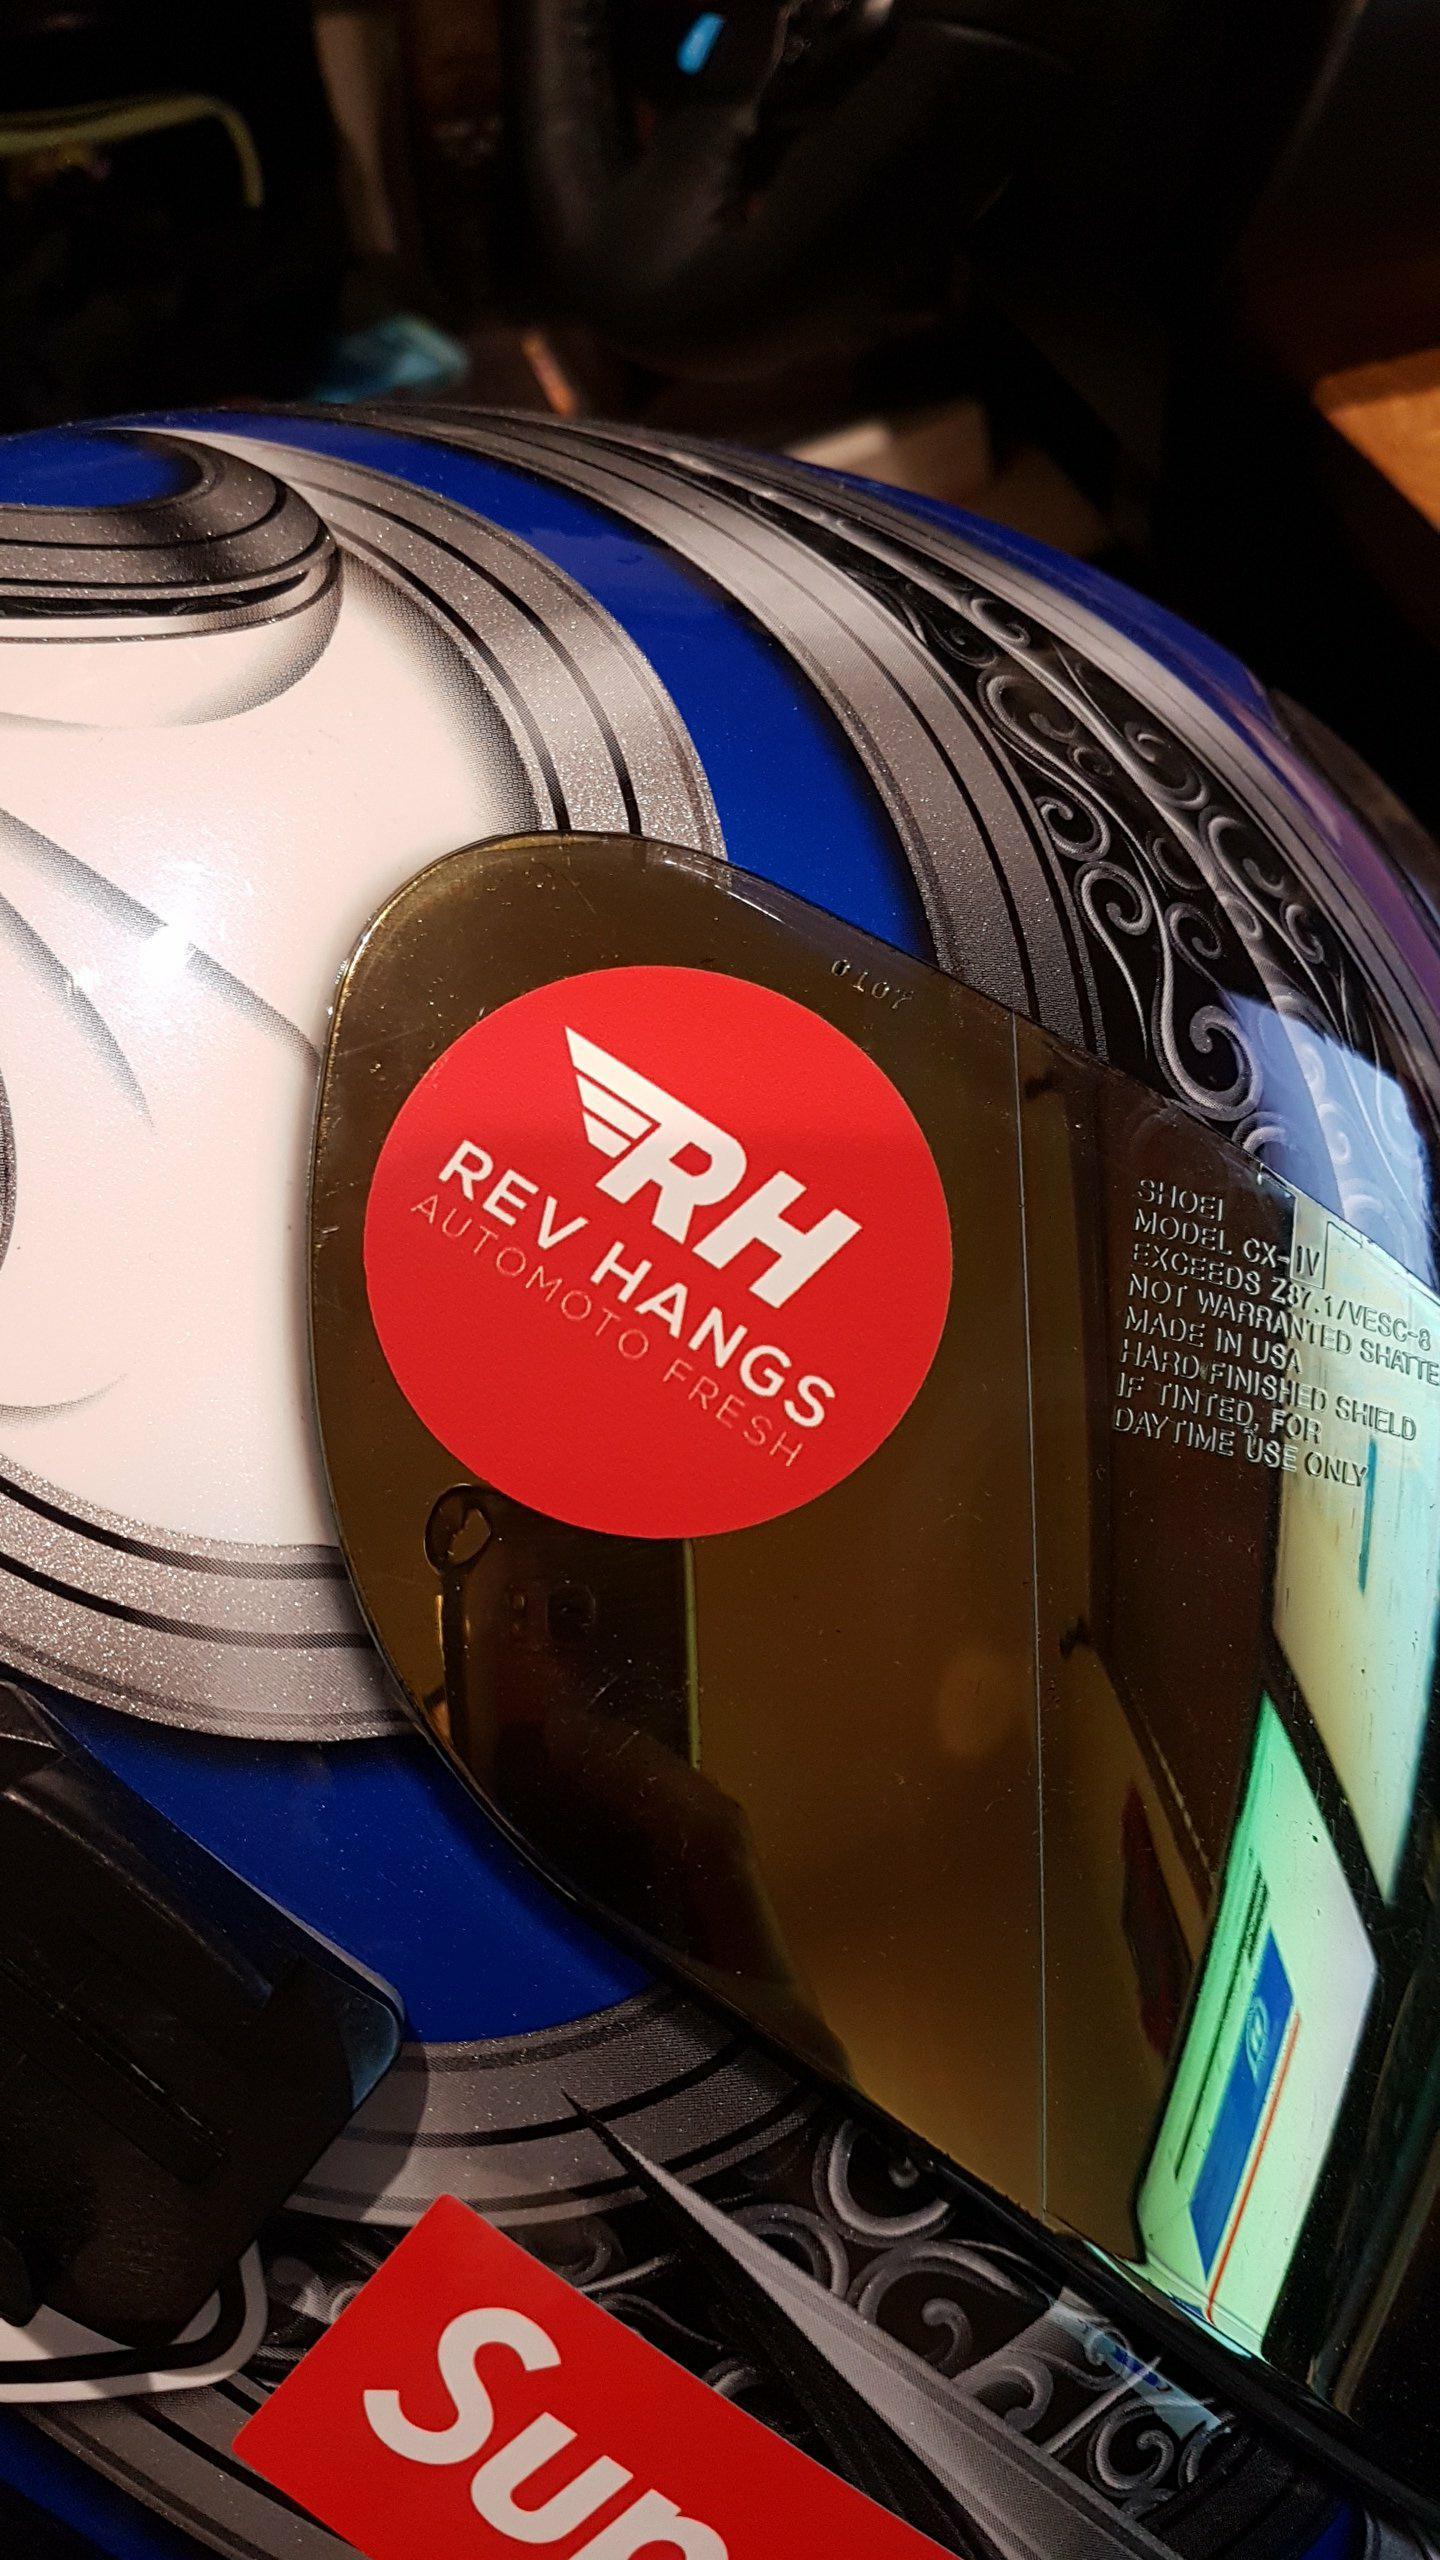 Great vinyl bumper stickers